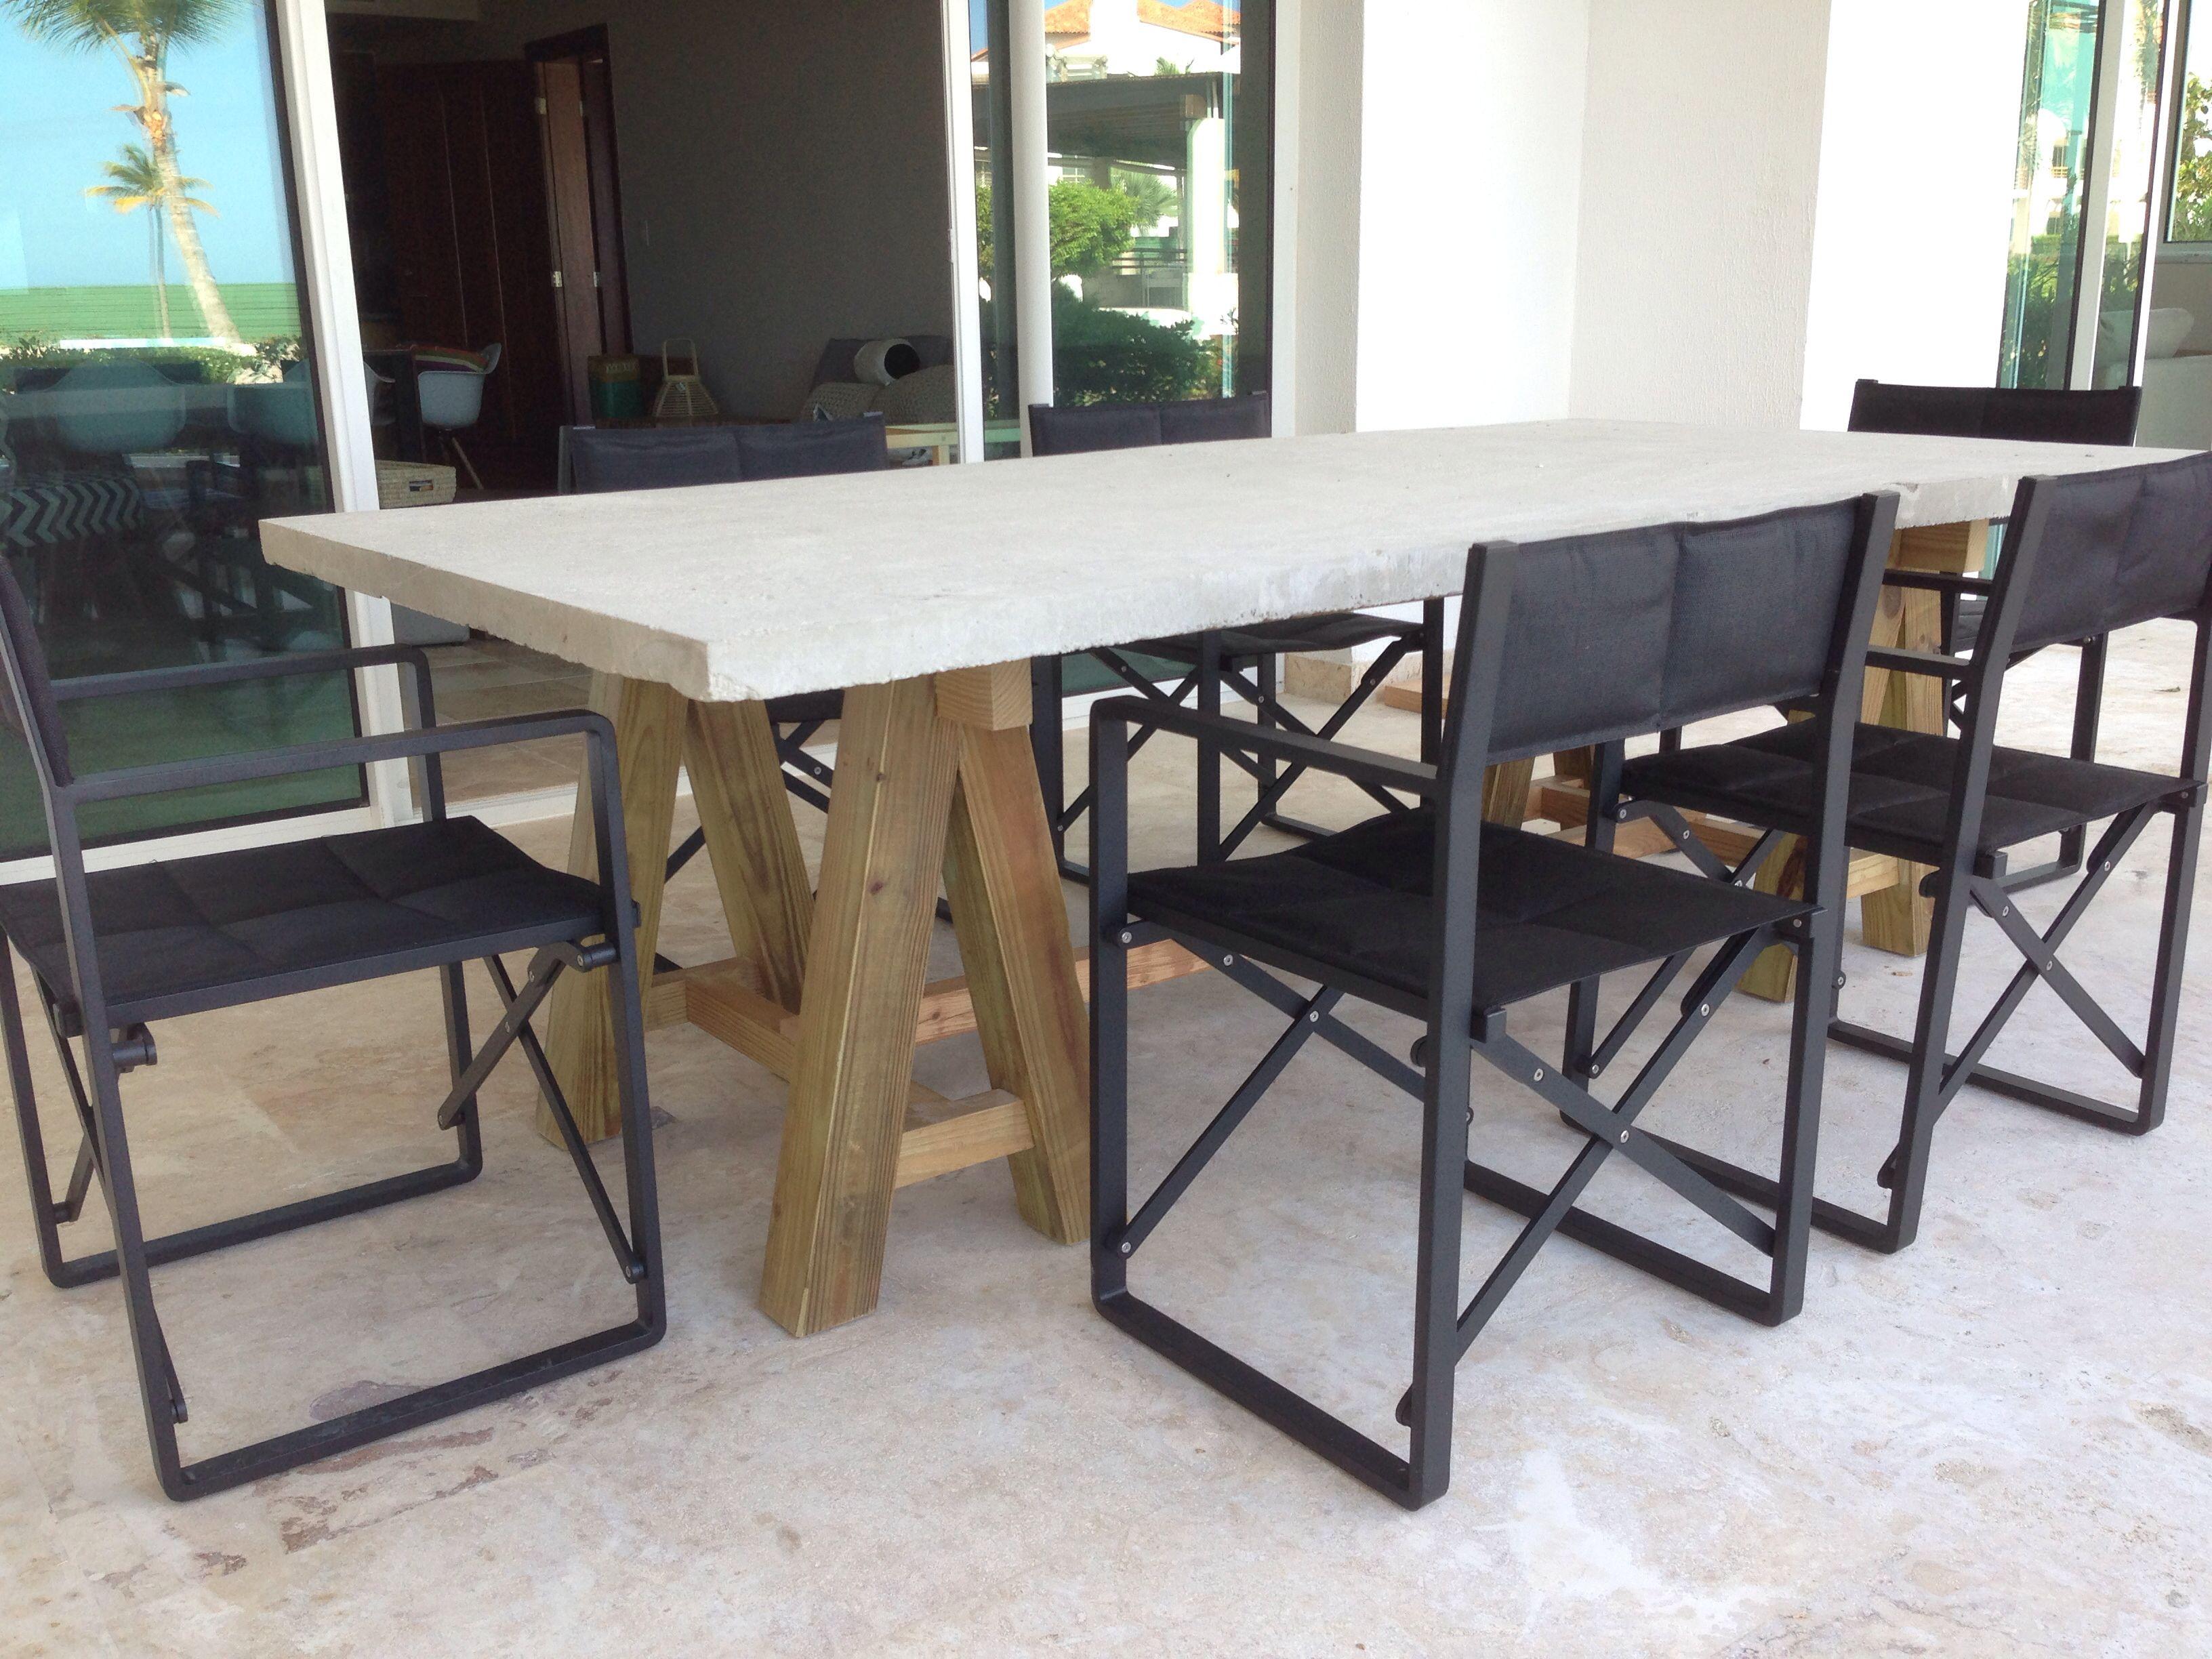 Mesa terraza comedor madera hormigón cemento | Cemento | Pinterest ...